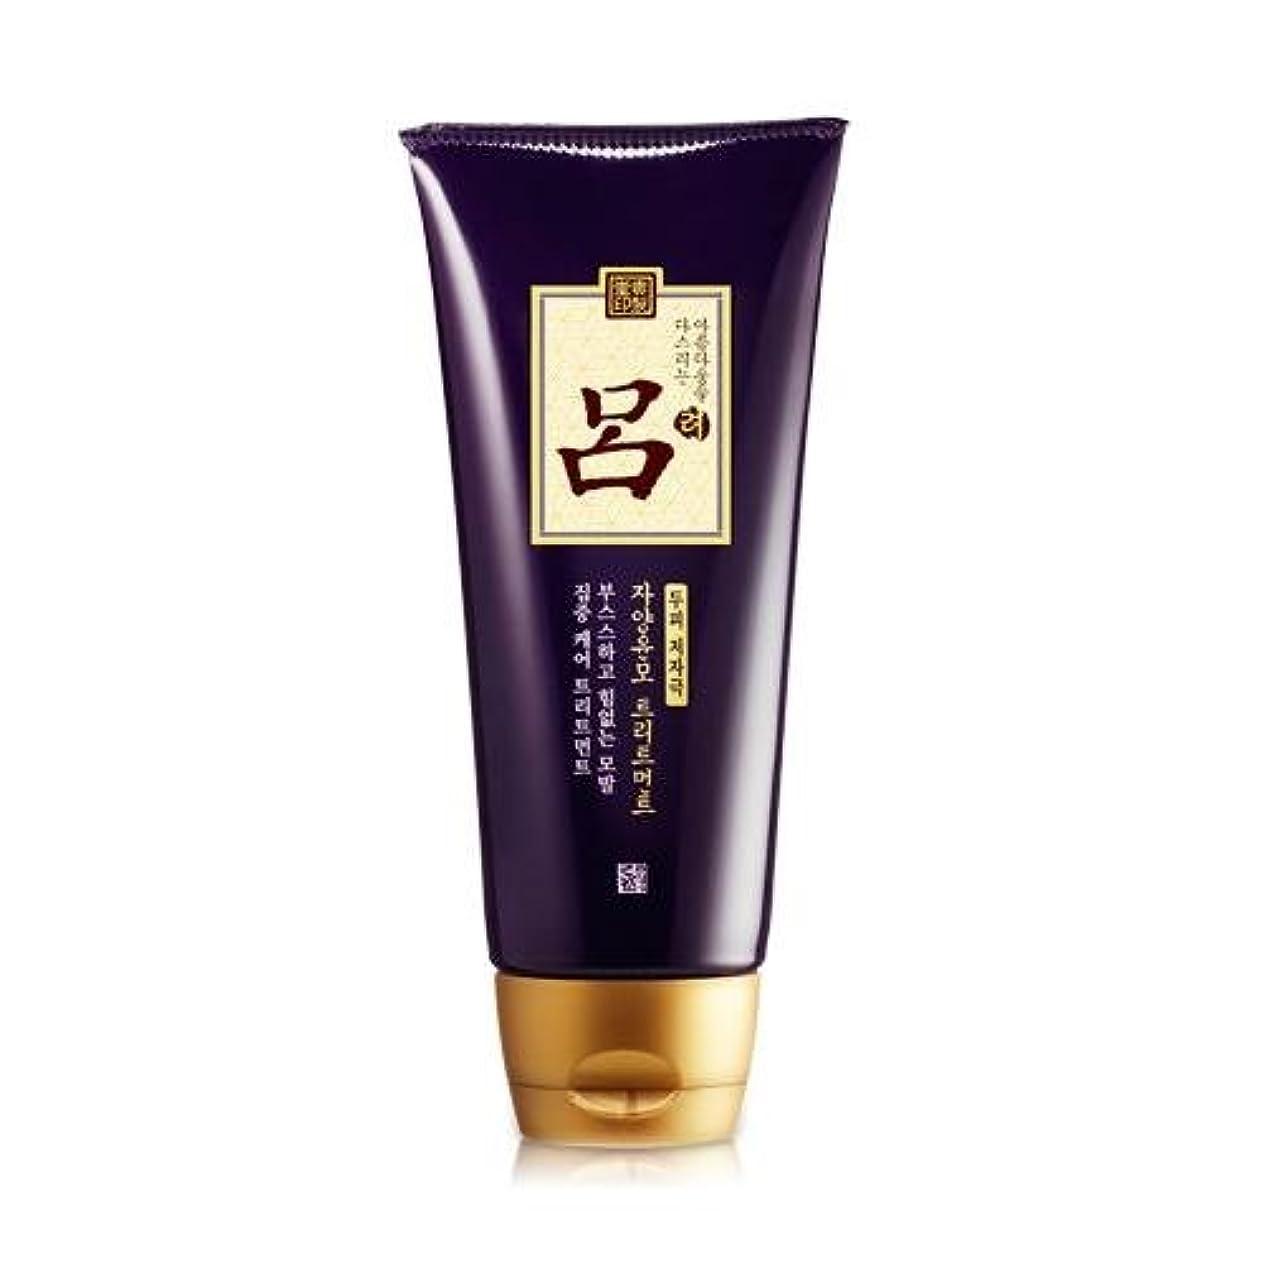 アイスクリーム目を覚ます救援韓国 リョ/呂 紫 チャヤンユンモ/滋養潤毛 トリートメント